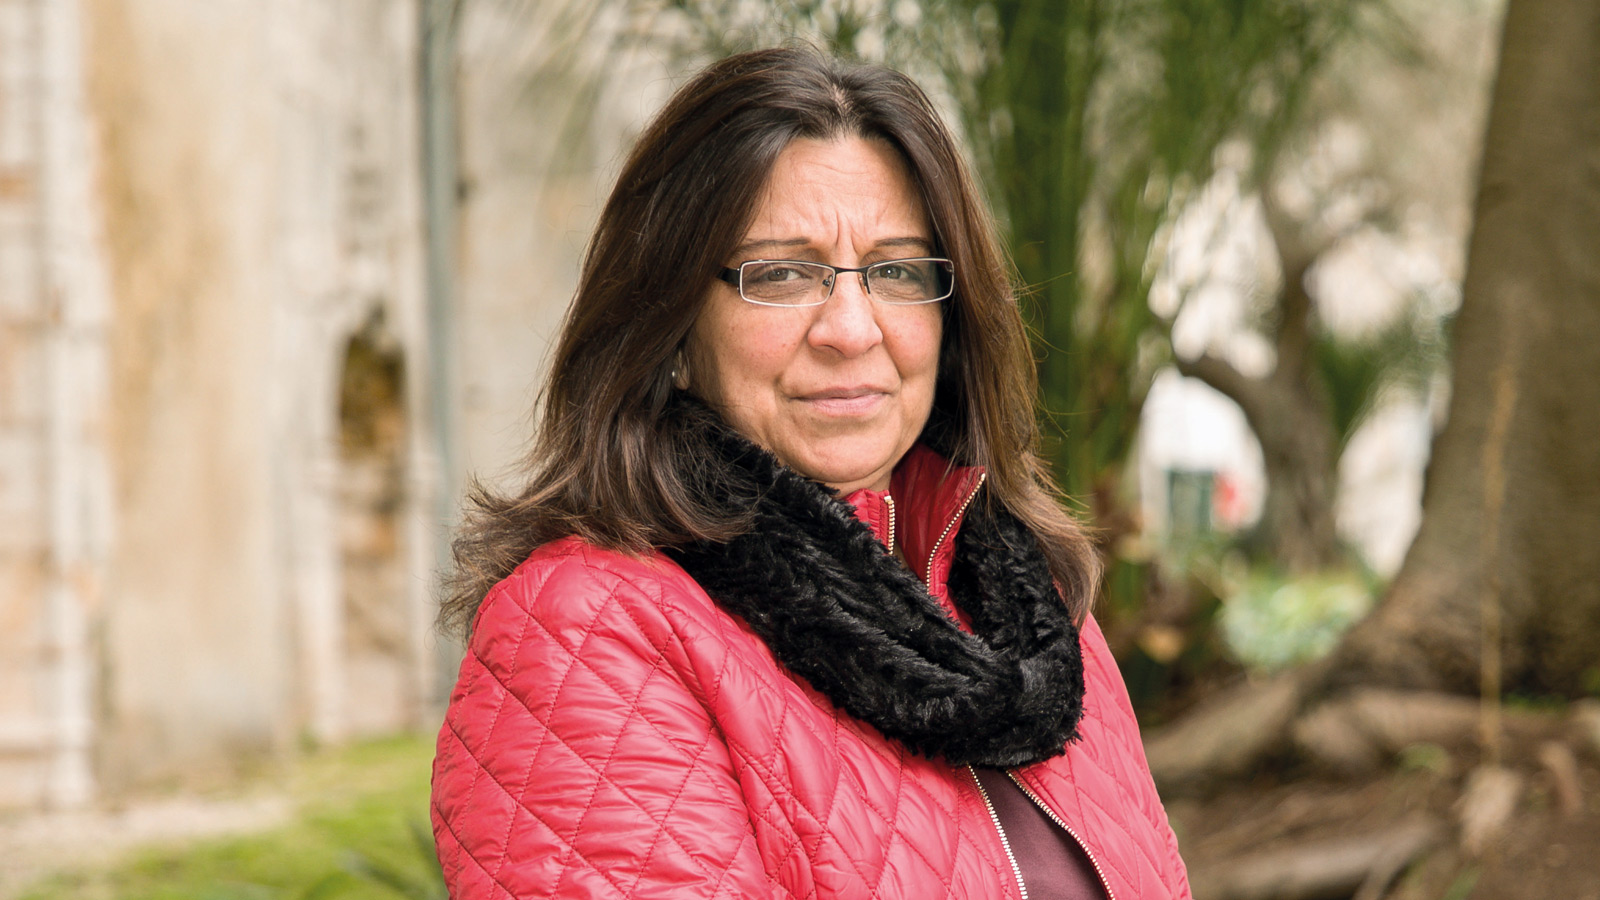 A nossa associada Gracinda Filipe pousa para a foto, após apresentar à DECO uma reclamação contra faturas prescritas da Galp.